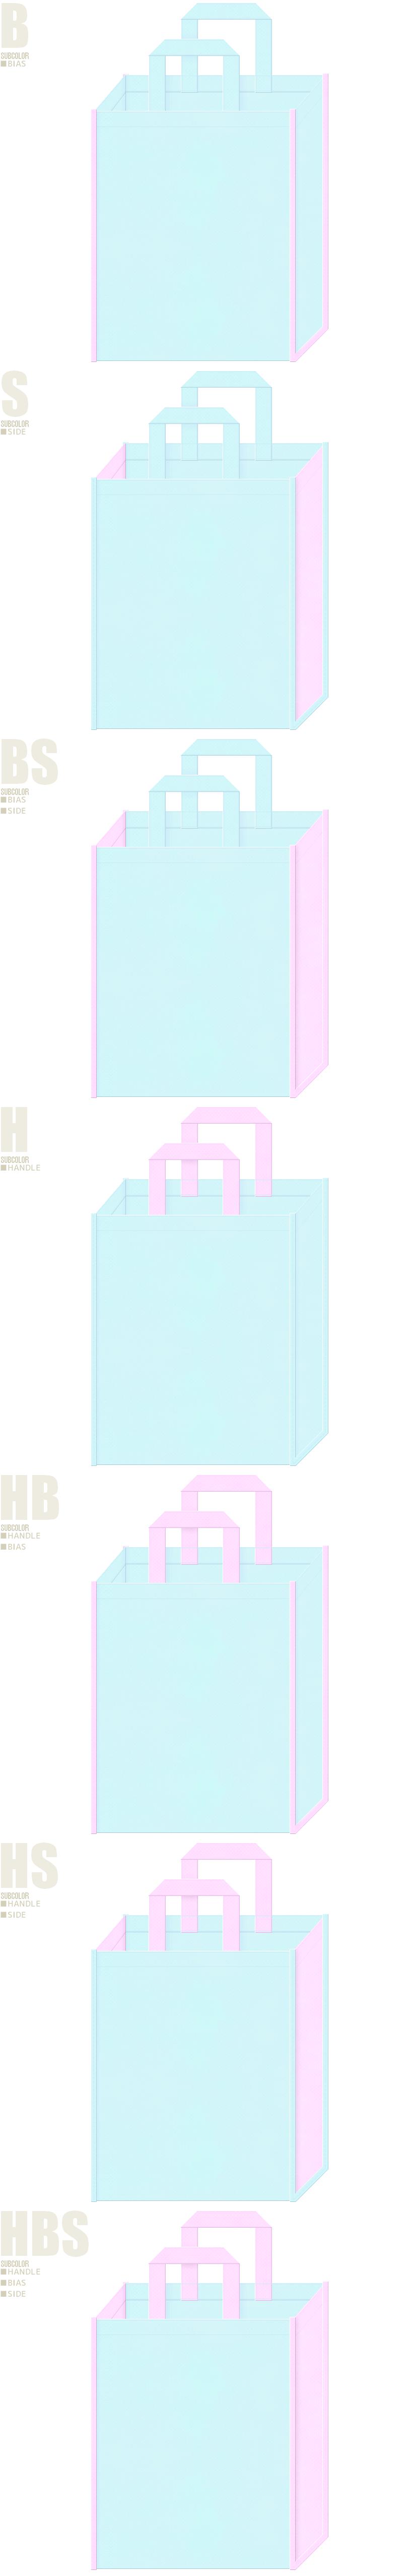 パステルカラー・桜・お花見・ガーリー・マーメイド・プリンセス・ドリーム・美容・コスメ・石鹸・洗剤・入浴剤・バス用品の展示会用バッグにお奨めの不織布バッグデザイン:水色と明るいピンク色の配色7パターン